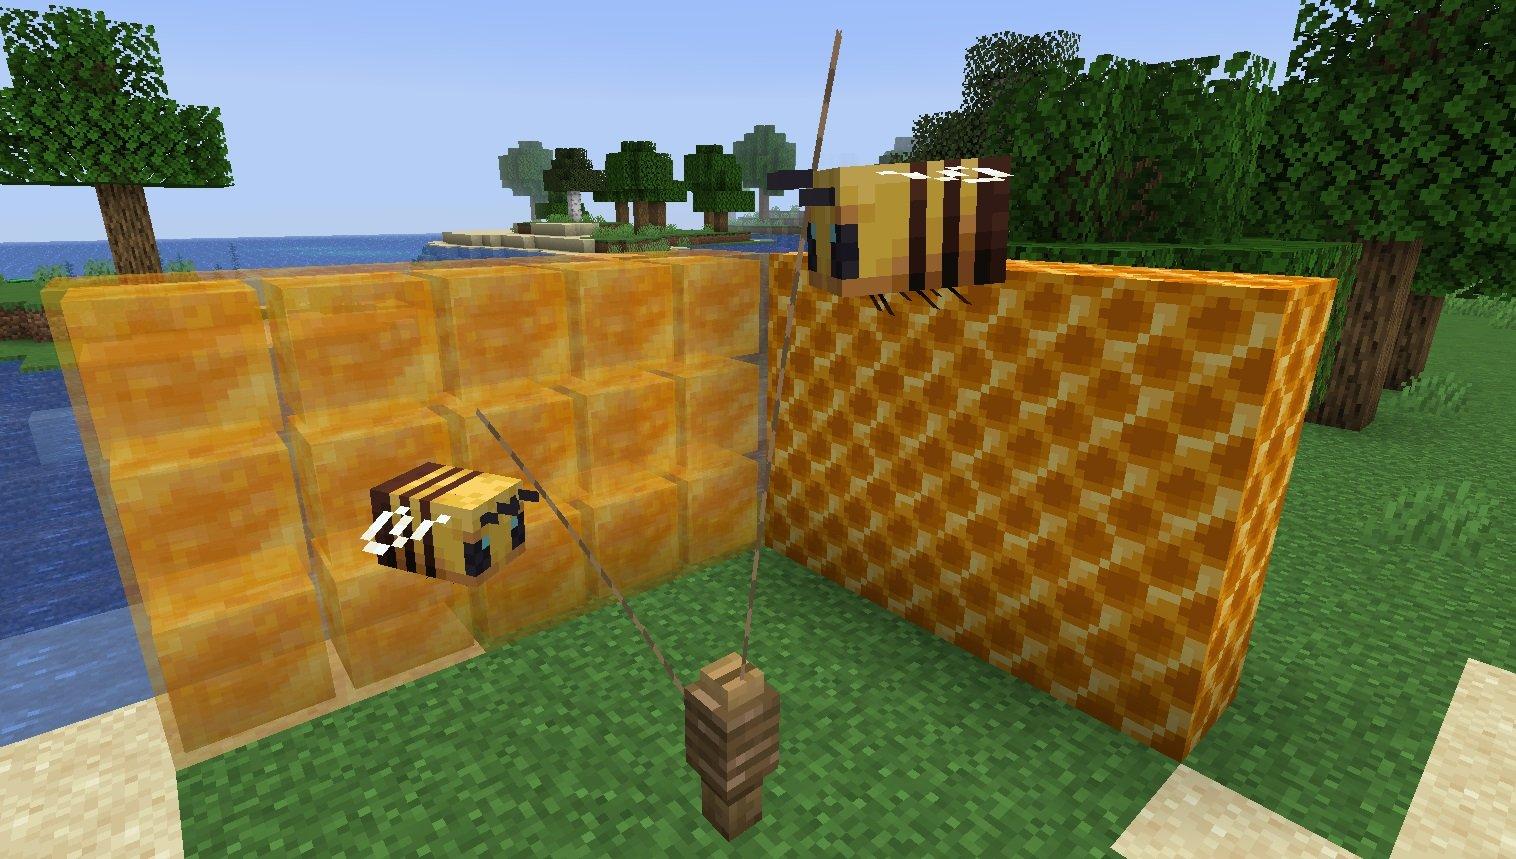 pszczoly miod minecraft 1.15 aktualizacja